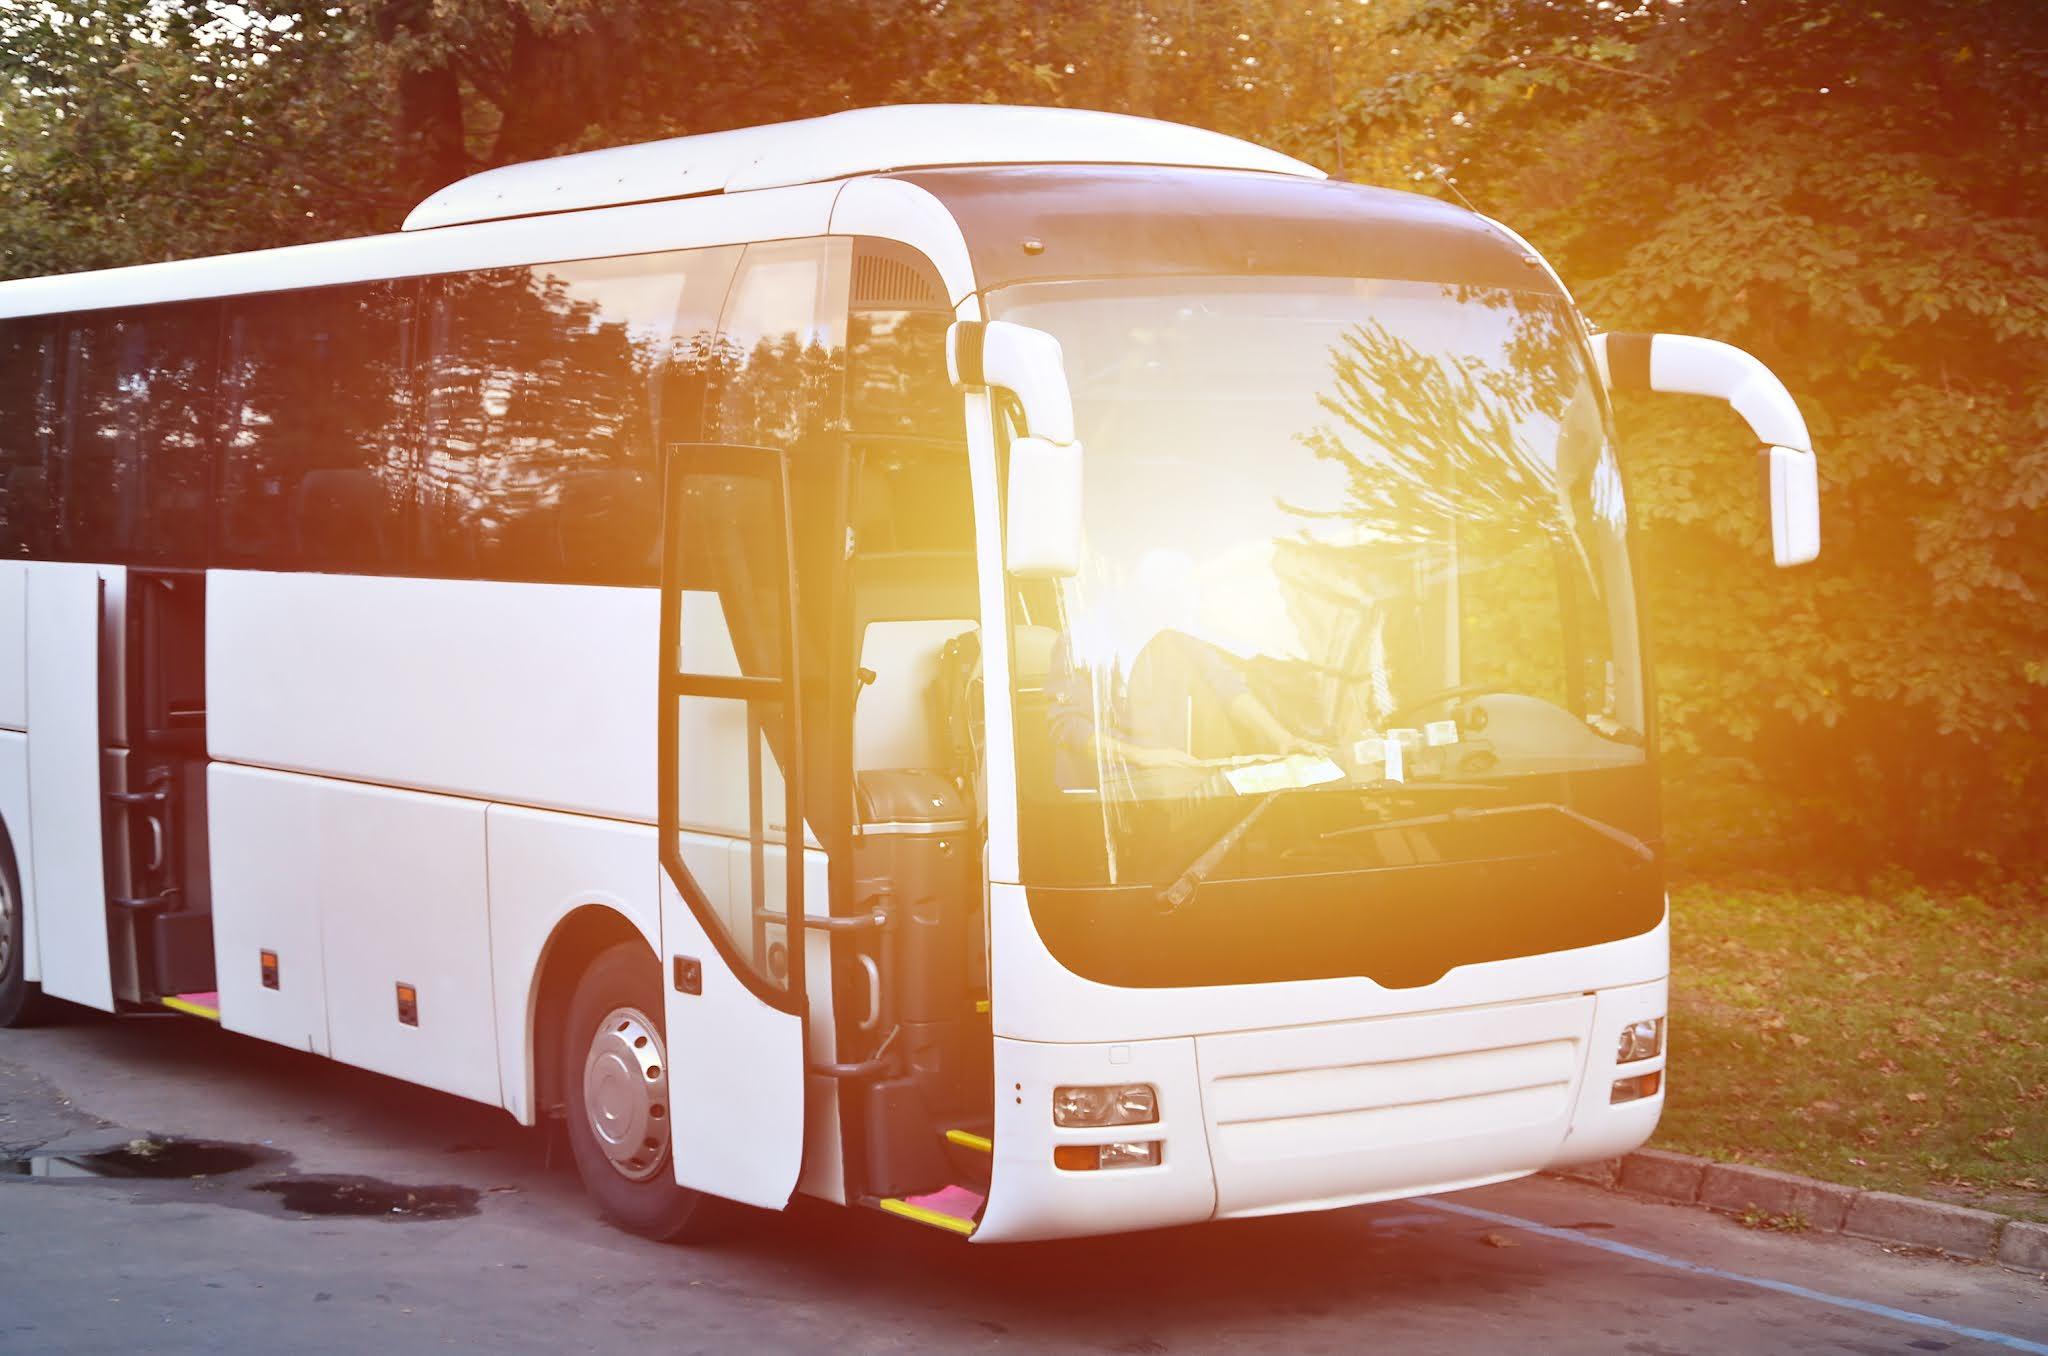 زوار إكسبو Expo دبي في انتظار خدمة حافلات المواصلات المجانية